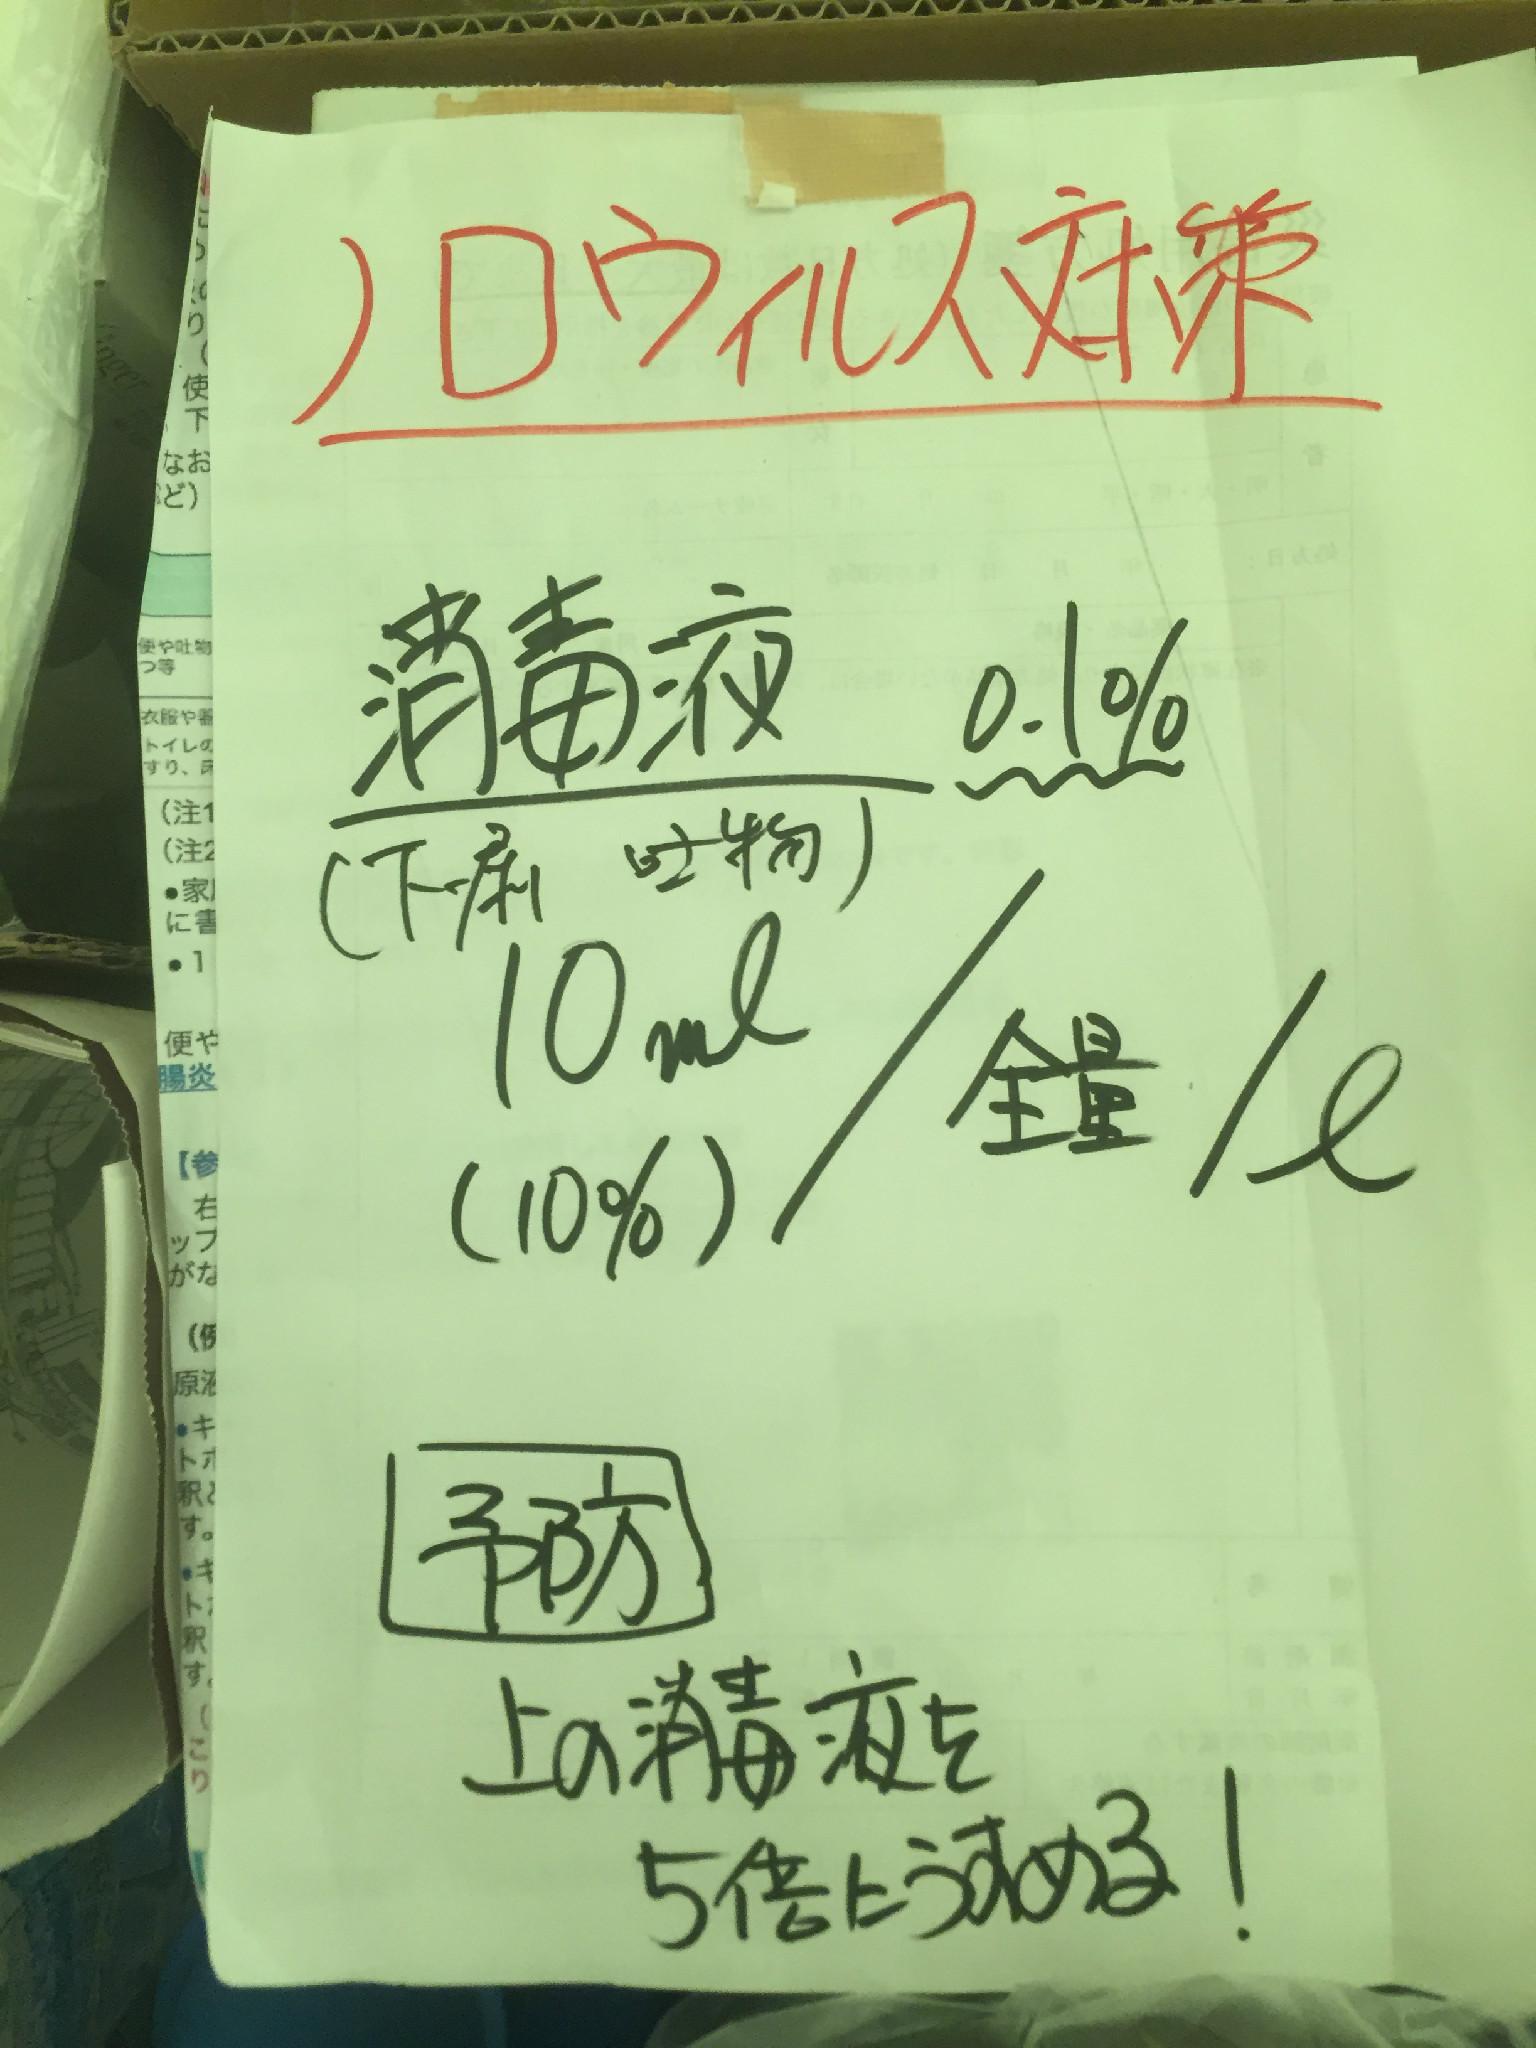 160420熊震ノロ消毒22edited.jpg